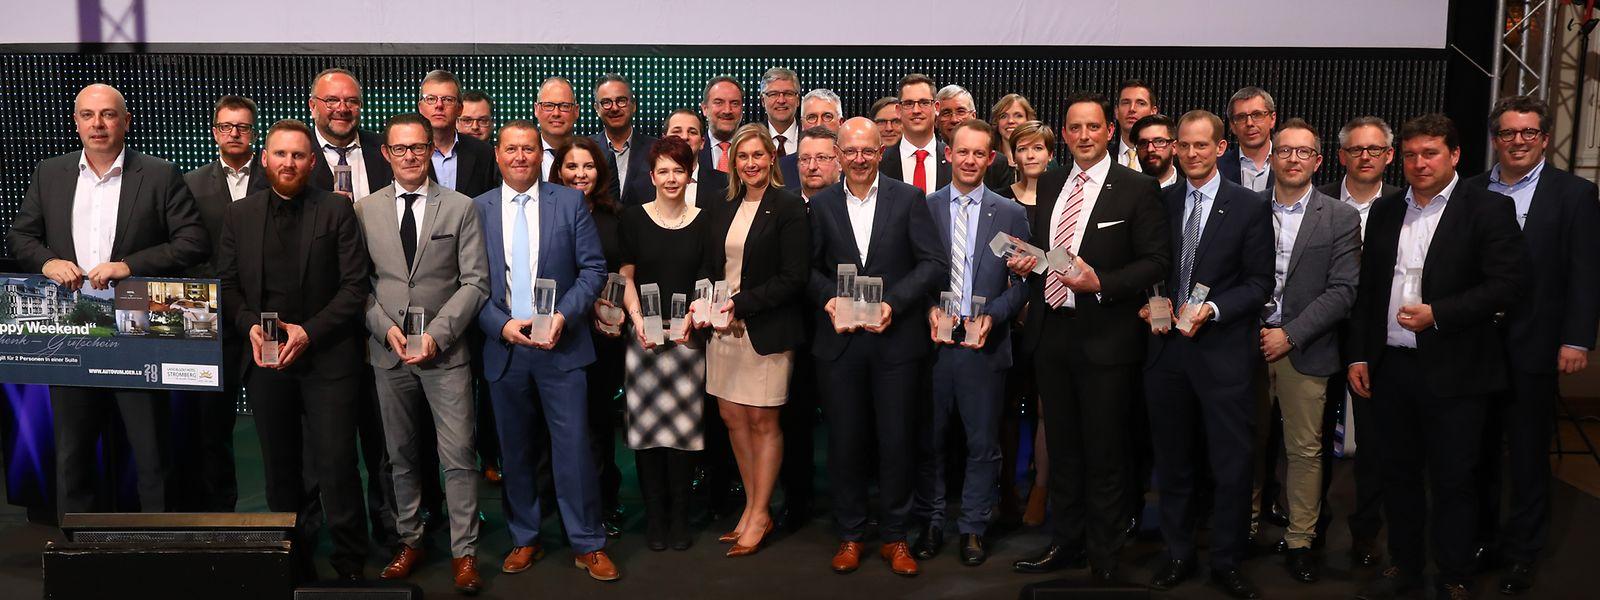 Das Gruppenfoto mit allen Gewinnern und den Sponsoren.